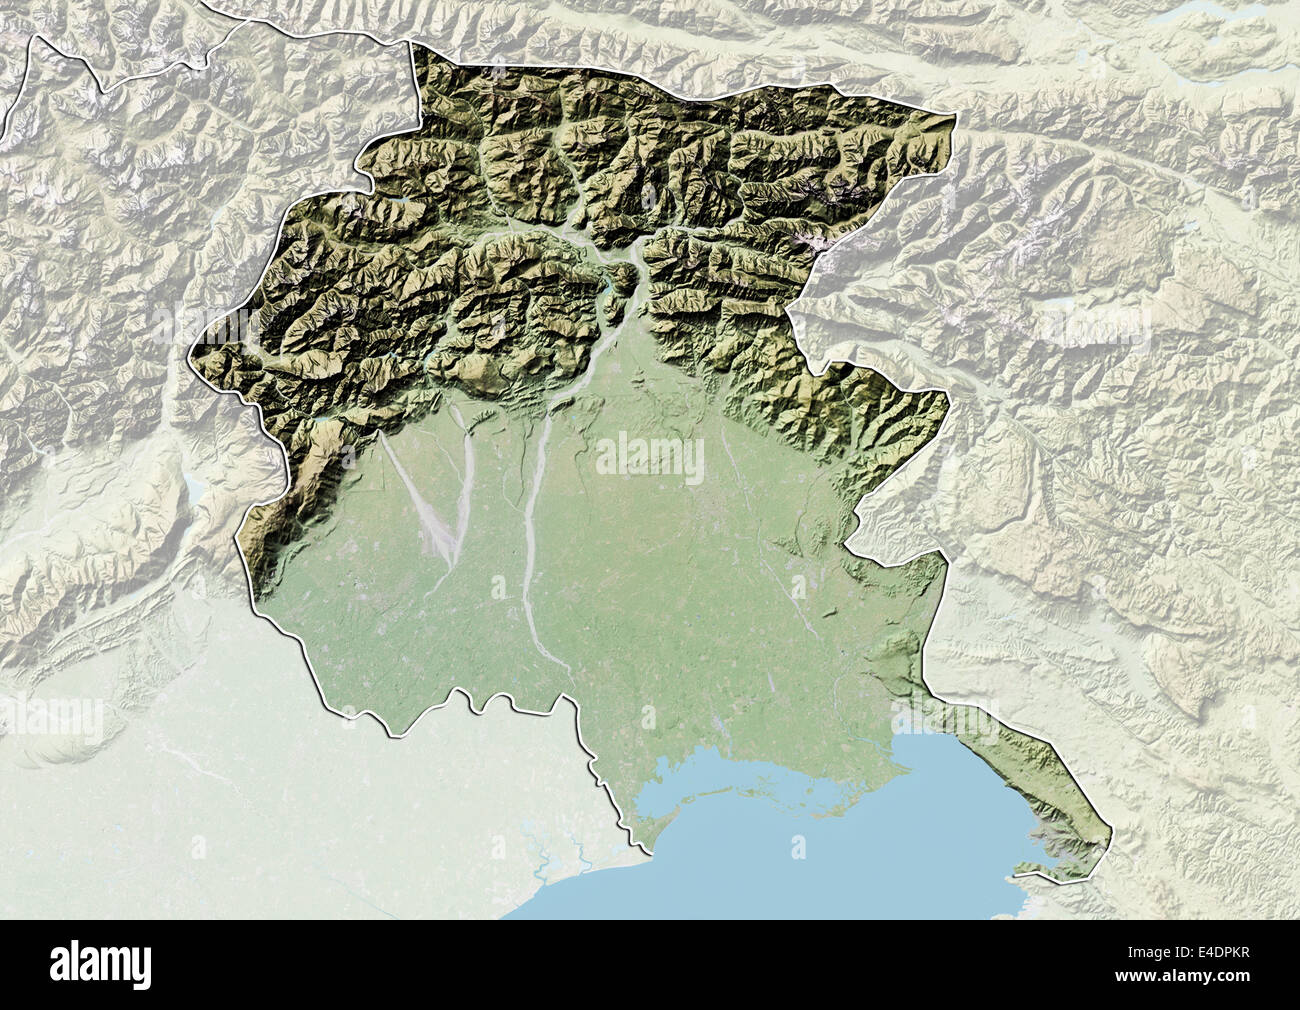 Regione Friuli Venezia Giulia Cartina.Regione Del Friuli Venezia Giulia Italia Mappa Di Sfiato Foto Stock Alamy